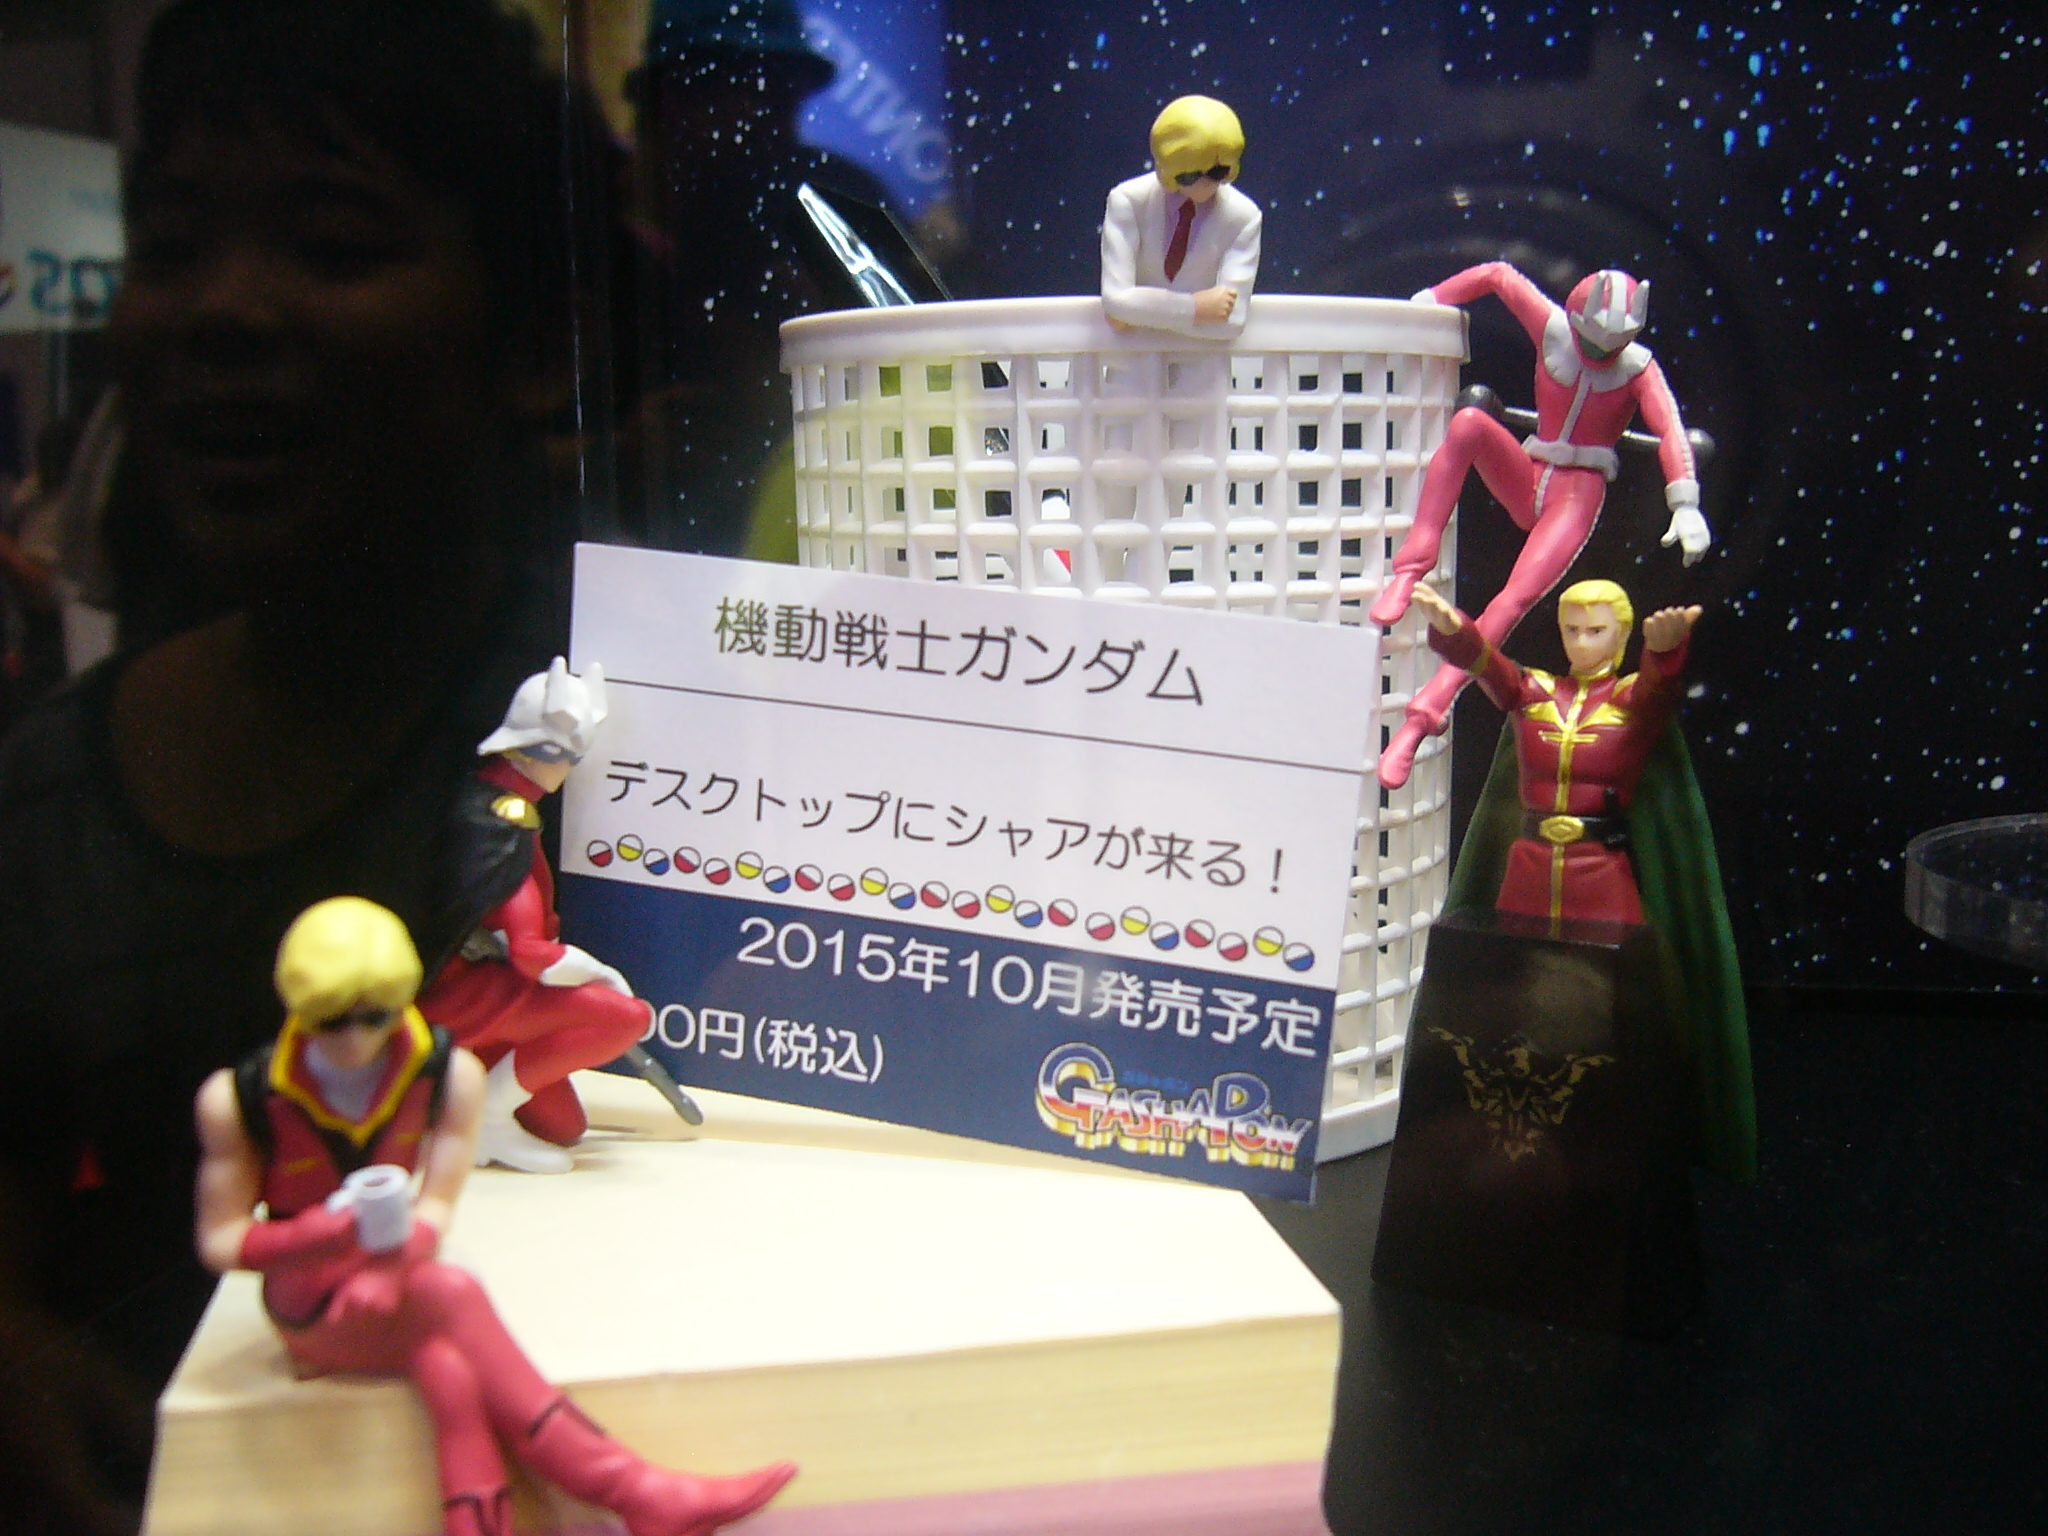 ガンダム 2015 ホビーショー BANDAI